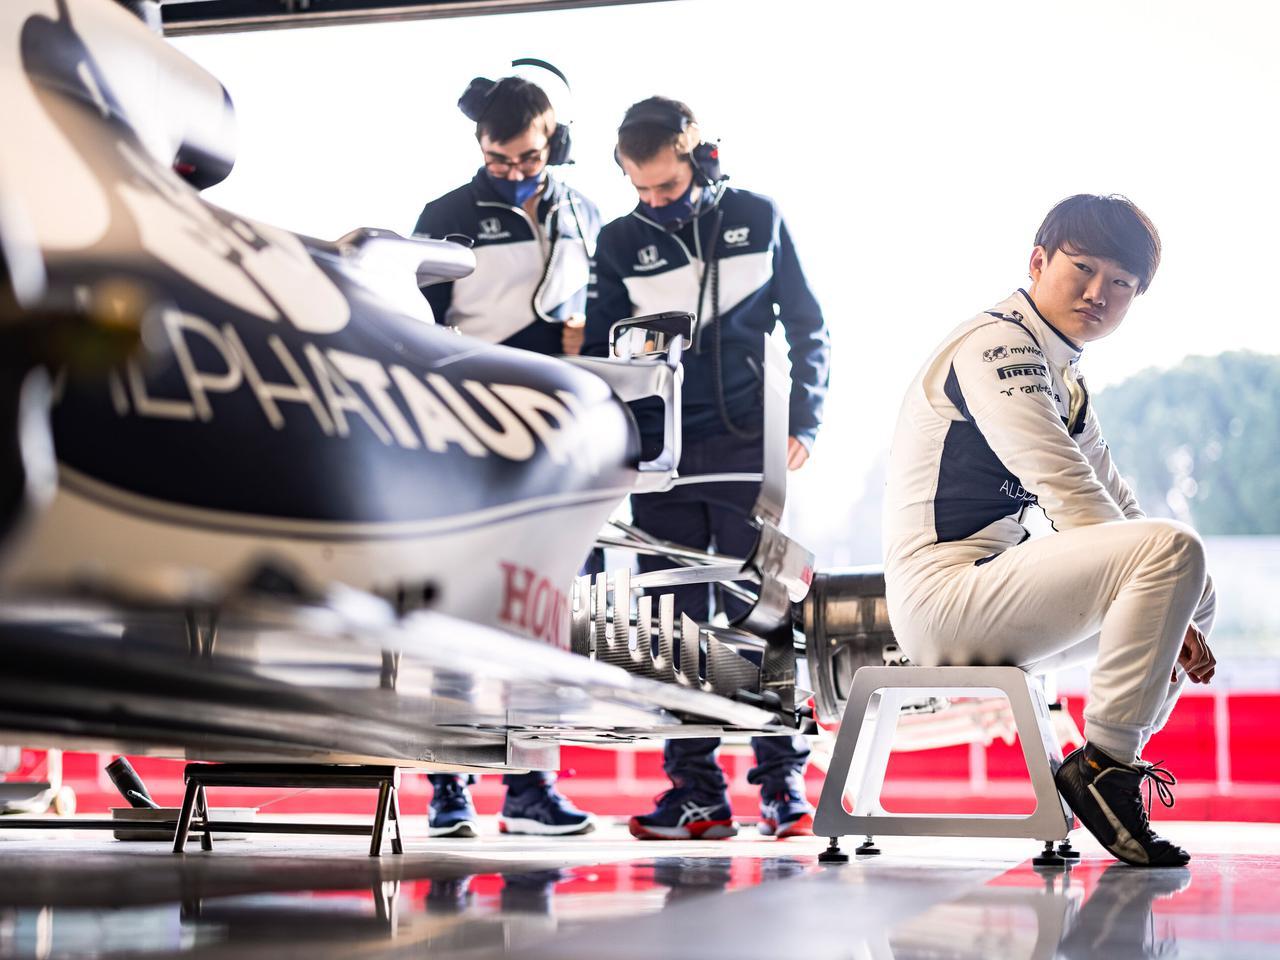 2021年F1第3戦 ポルトガルGP、角田裕毅のフリー走行での遅れは作戦の可能性も【モータースポーツ】